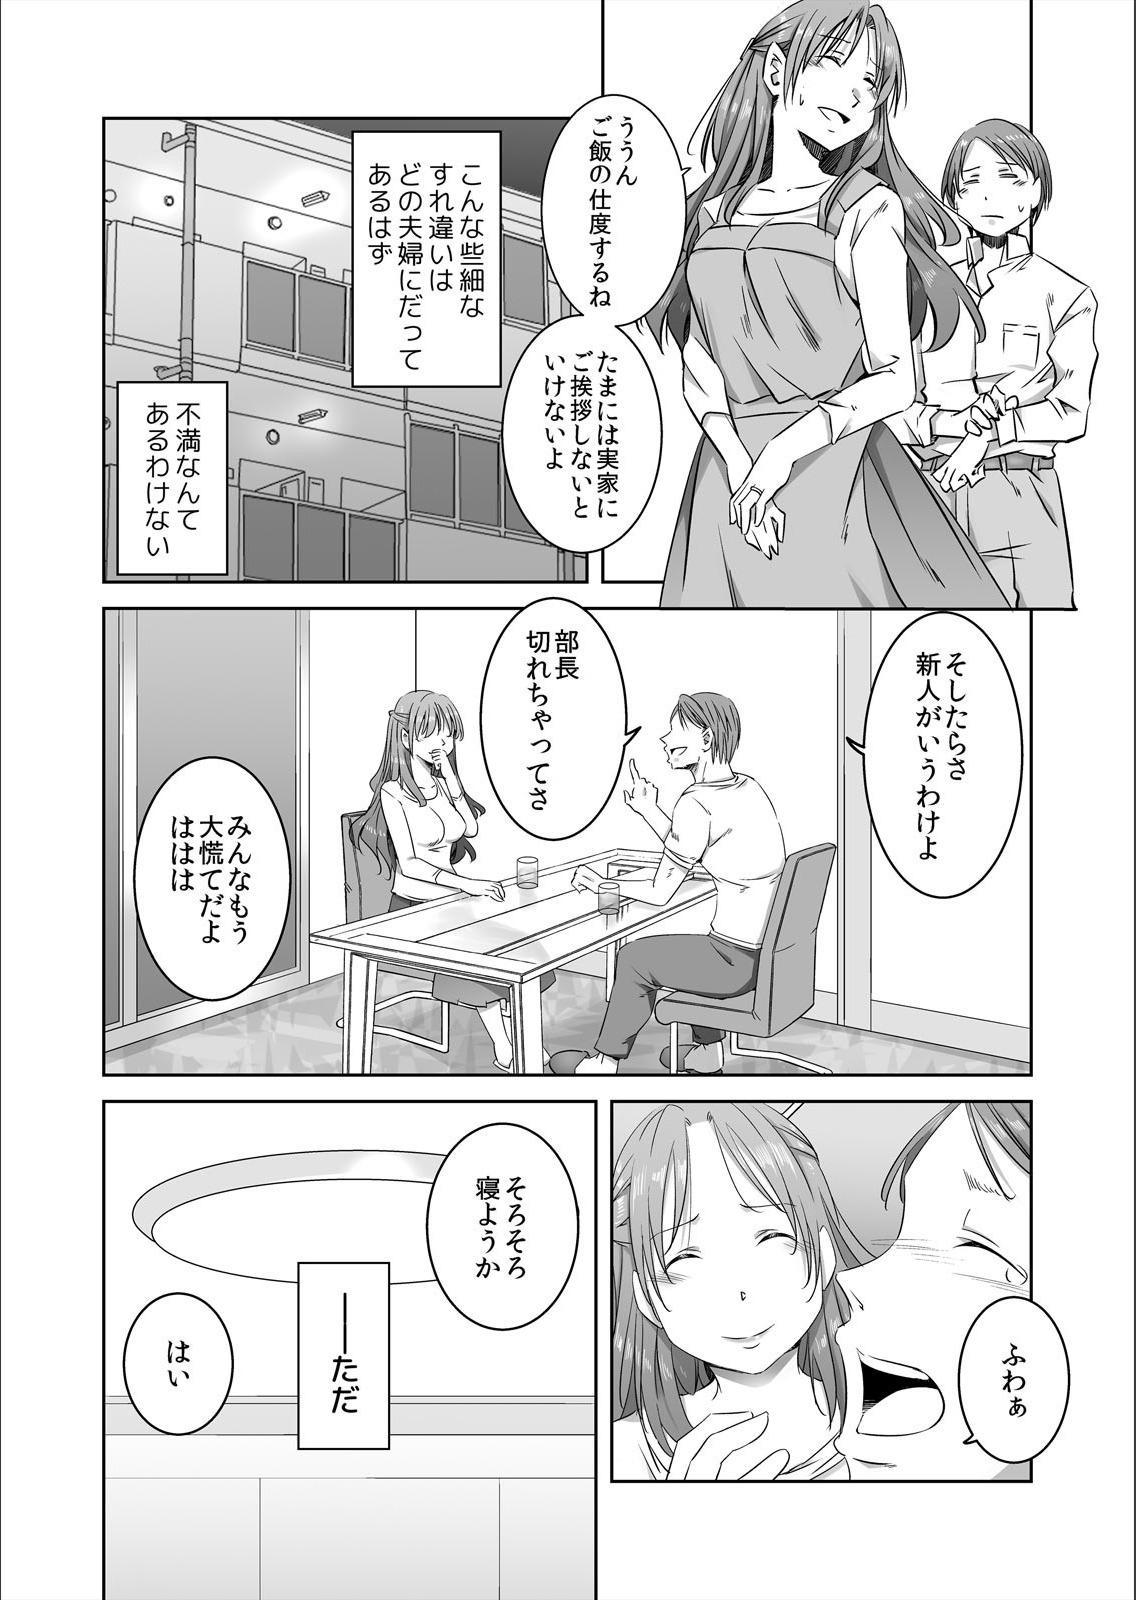 [Bokuboku] Nusumu Hitozuma, Okasu Gifu ~Shujin ni wa Iwanaide Kudasai...~ Ch.1 6